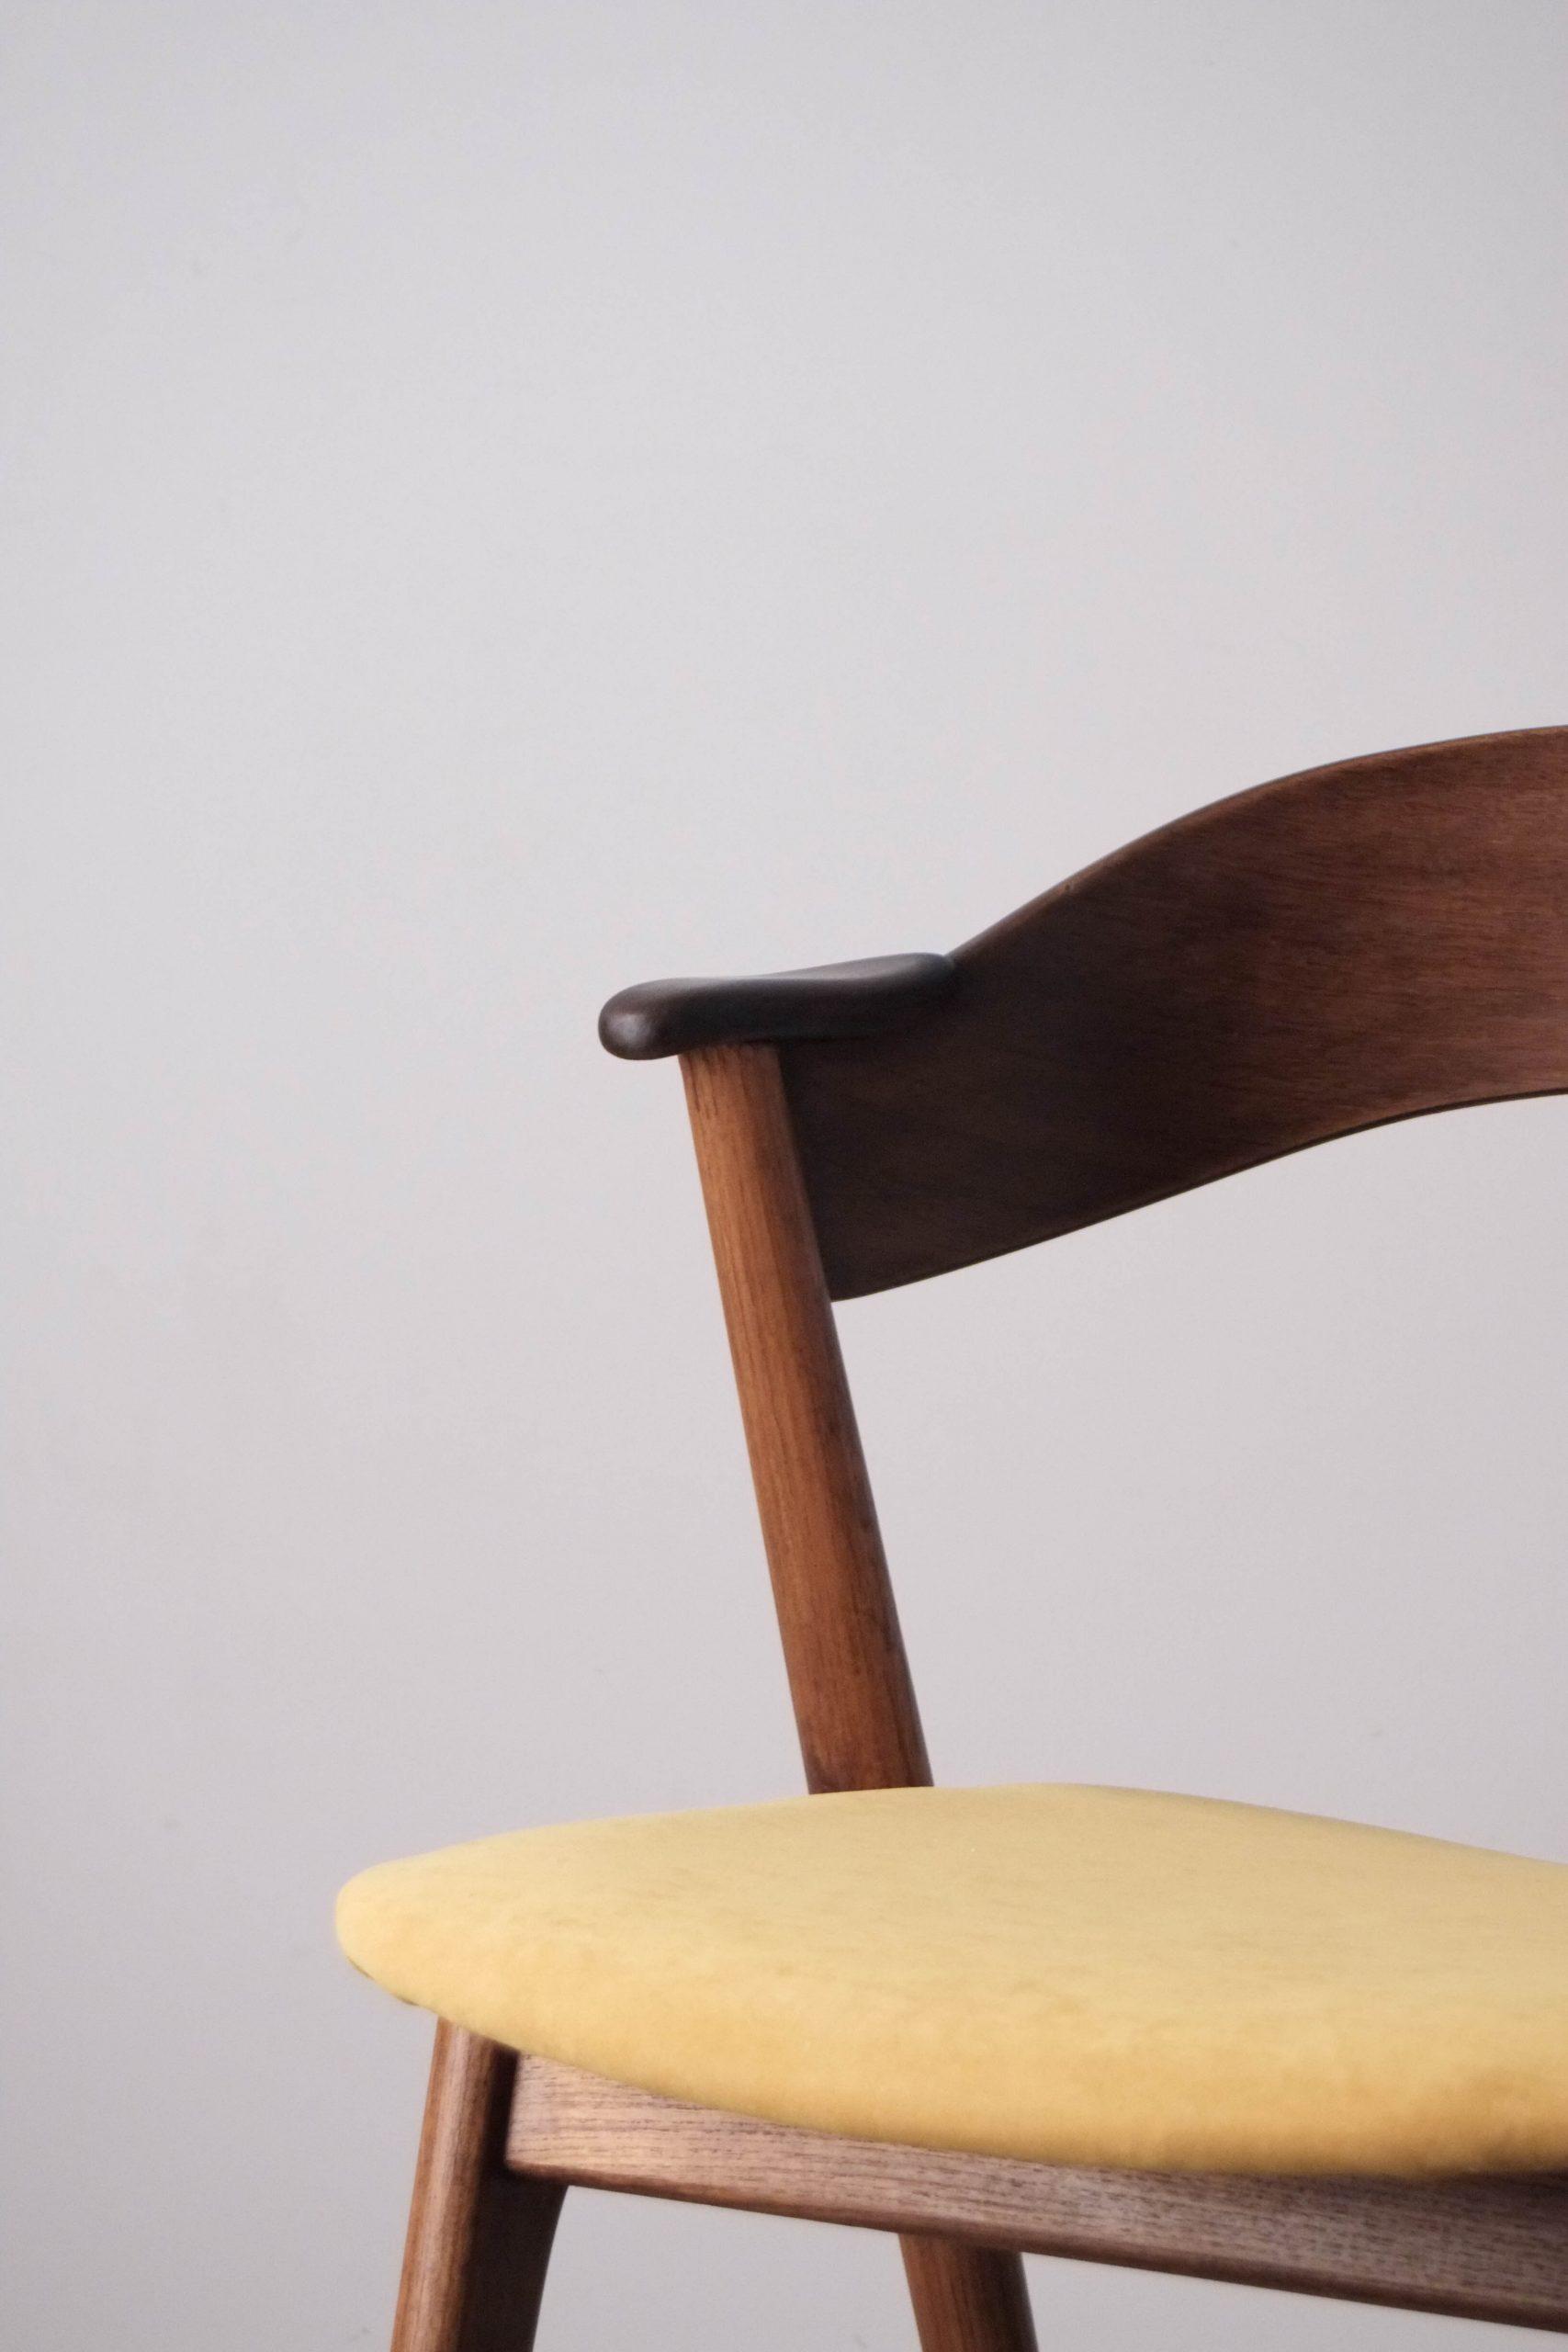 detalle reposabrazos silla kai kristiansen asiento tapizada